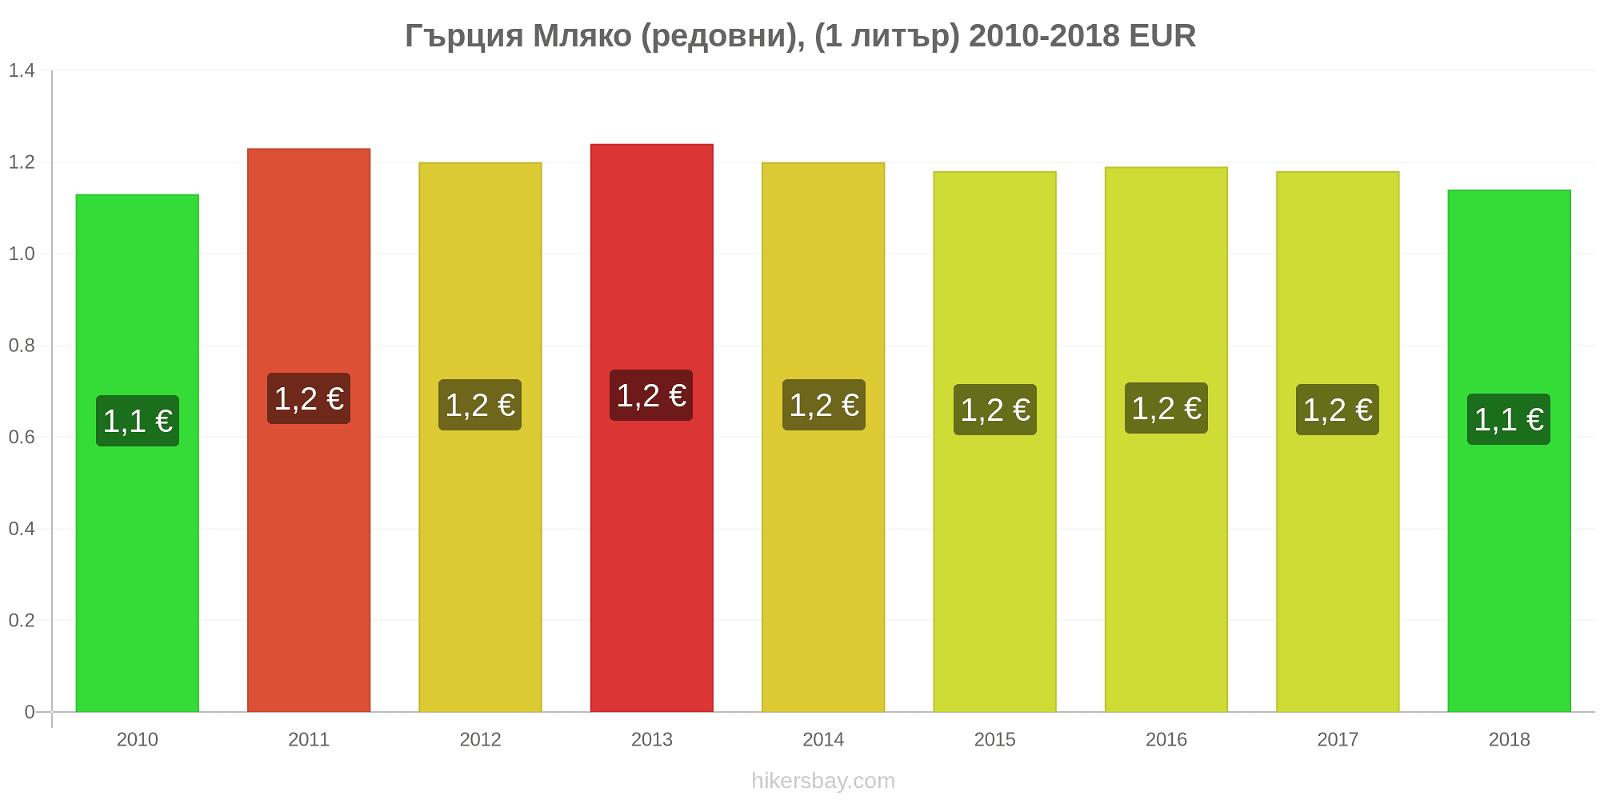 Гърция ценови промени Мляко (редовни), (1 литър) hikersbay.com